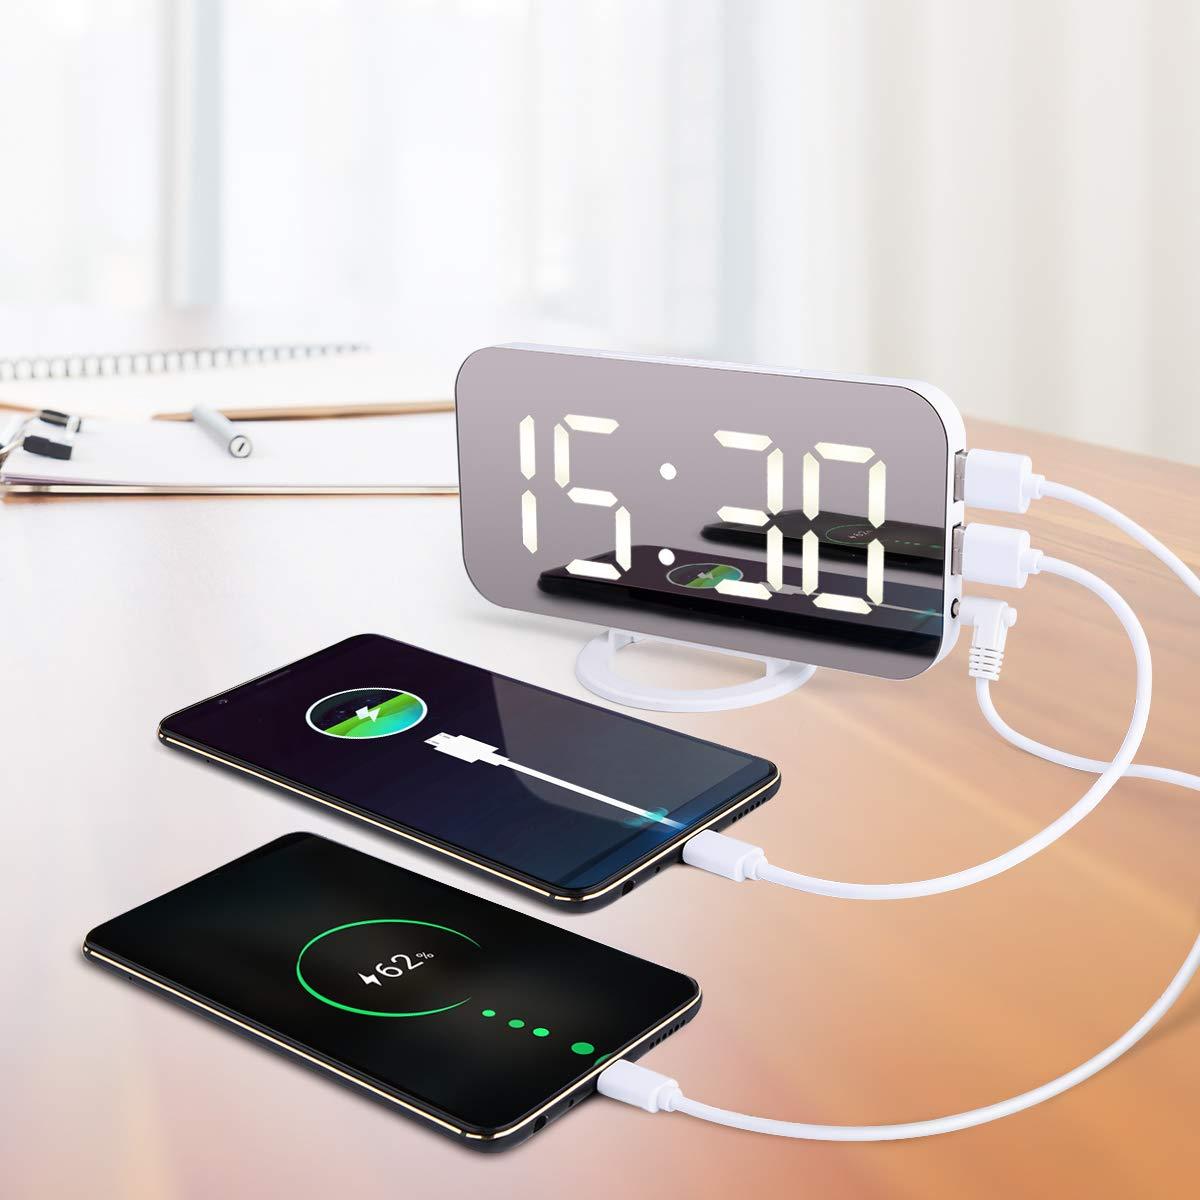 ACTOPP LED Réveil Numérique, Miroir Horlogue de Grand écran avec 3 Luminosités Réglables, Fonction Miroir Snooze et Double Ports USB pour Charger Téléphones